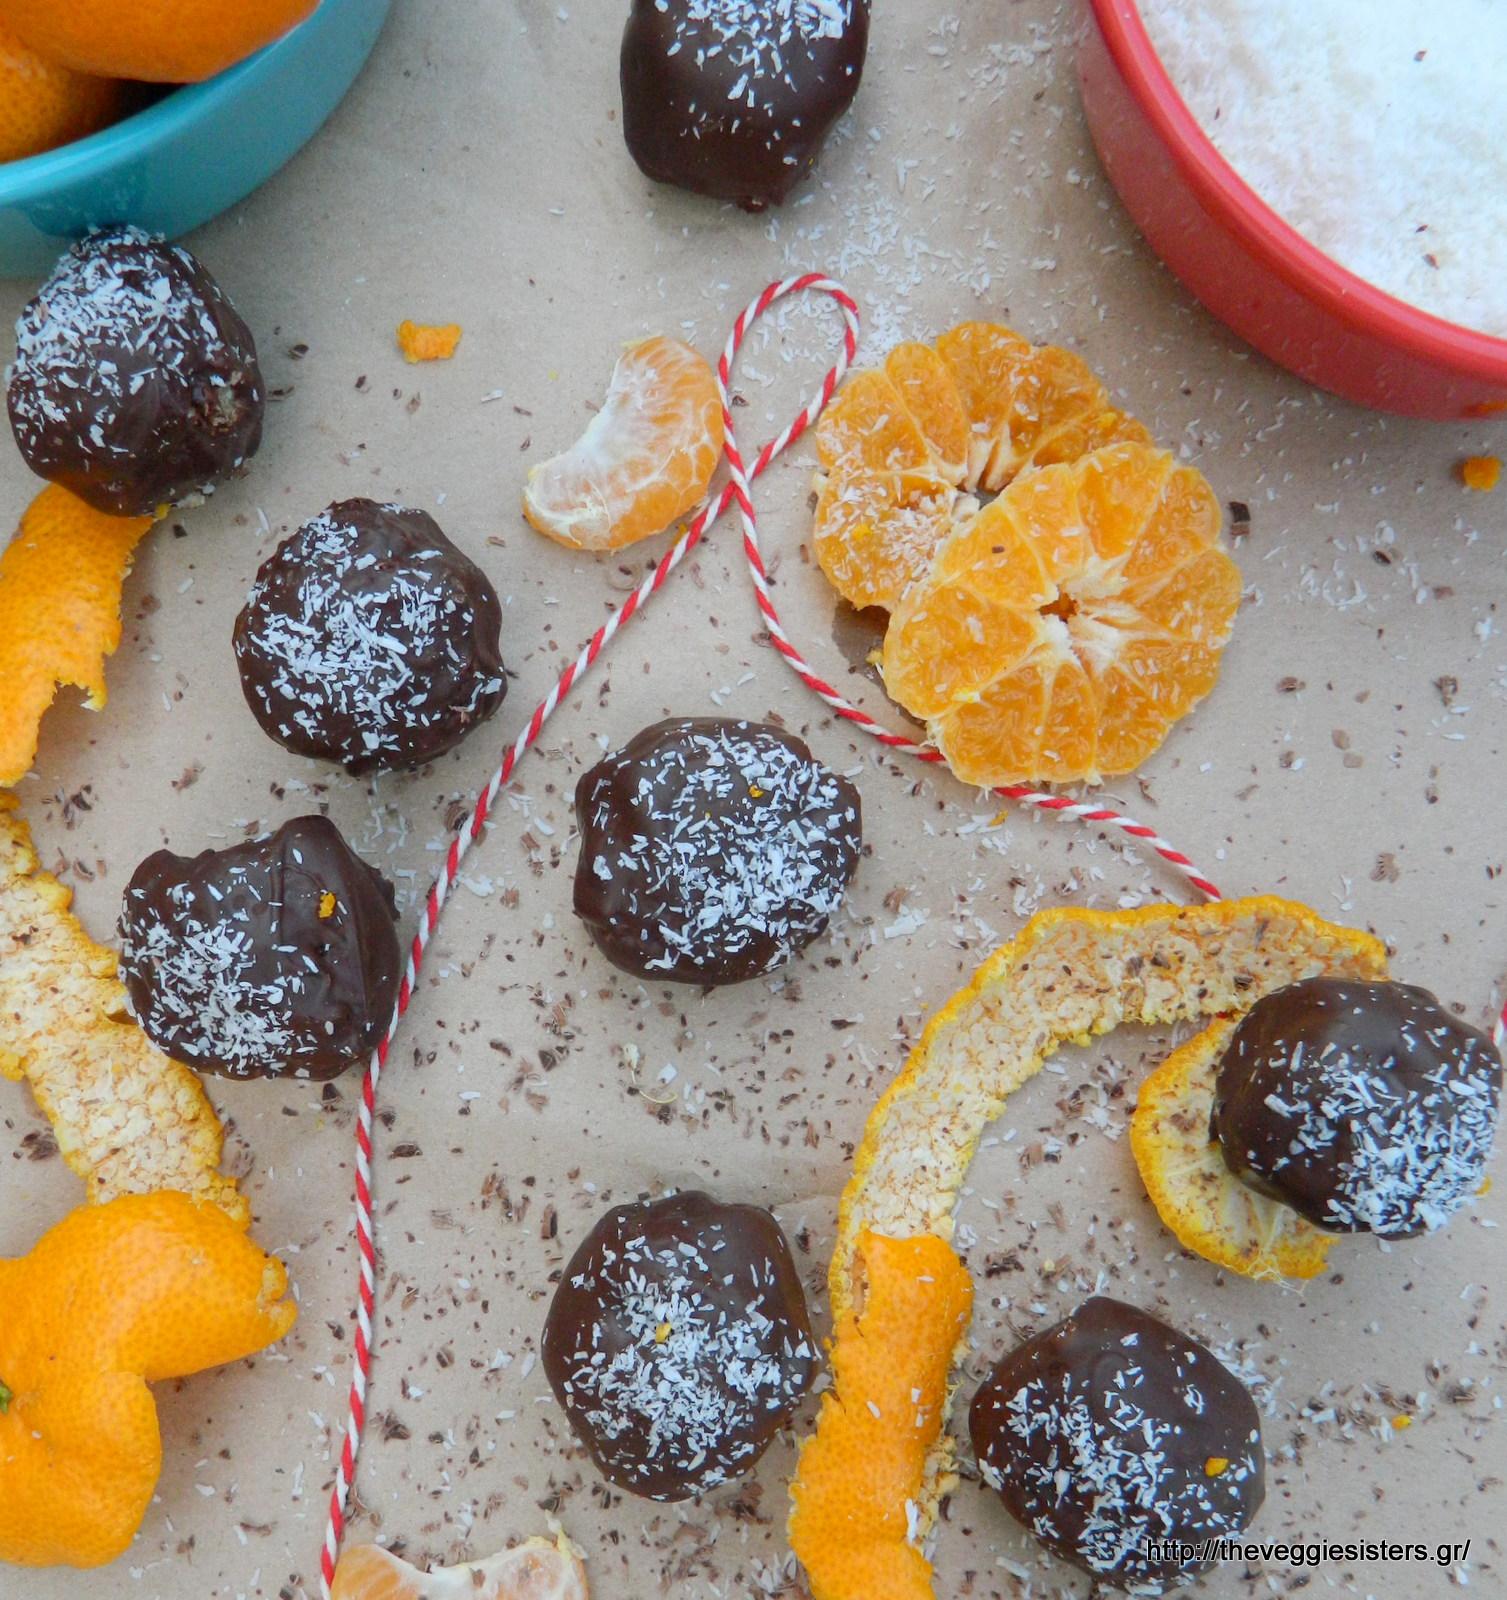 Λαχταριστά σοκολατένια τρουφάκια καρύδας